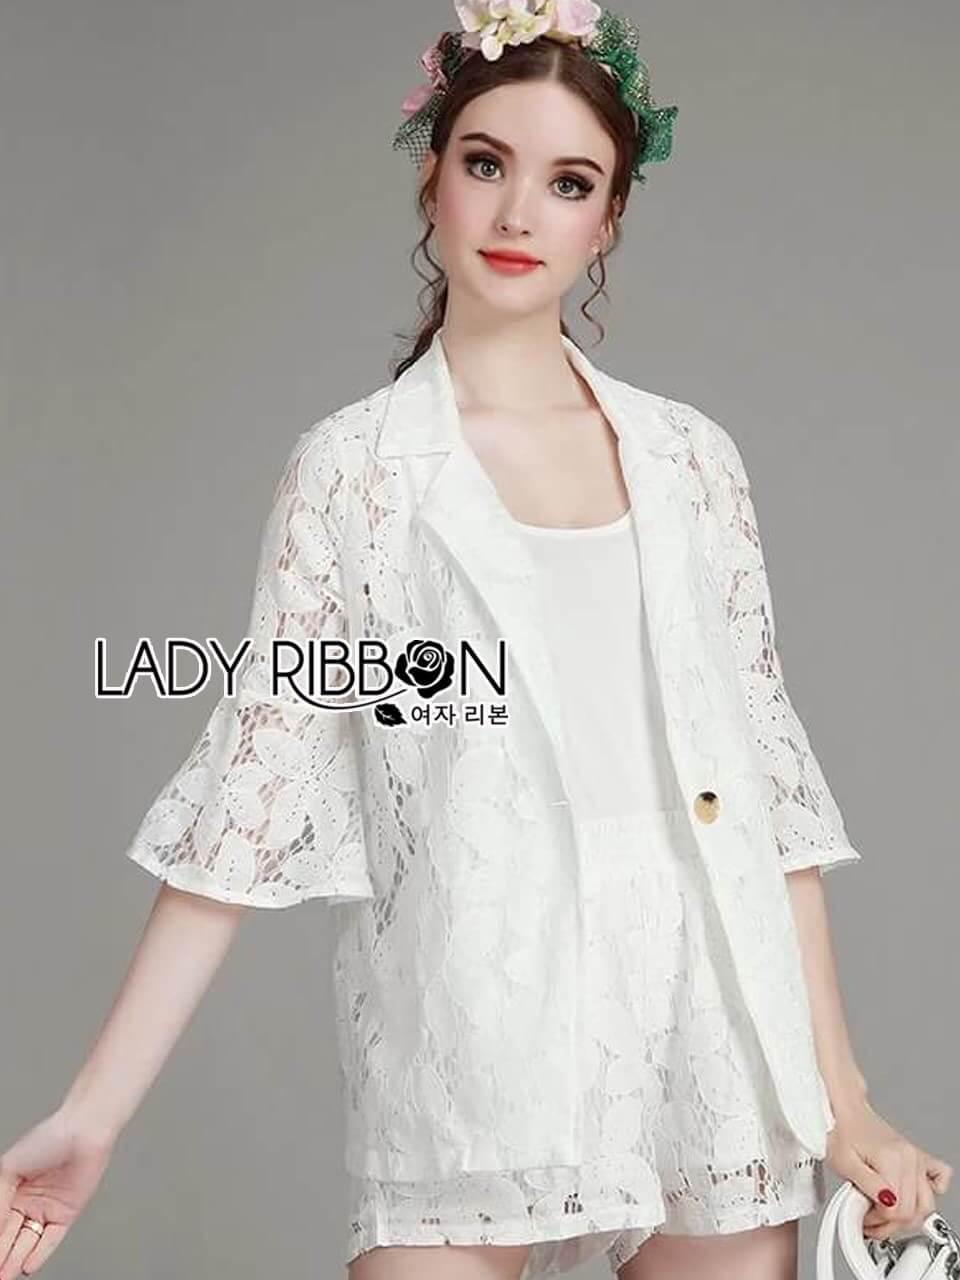 เสื้อผ้าเกาหลี พร้อมส่งเซ็ตสูทและกางเกงผ้าลูกไม้พร้อมสายเดี่ยวสีขาว